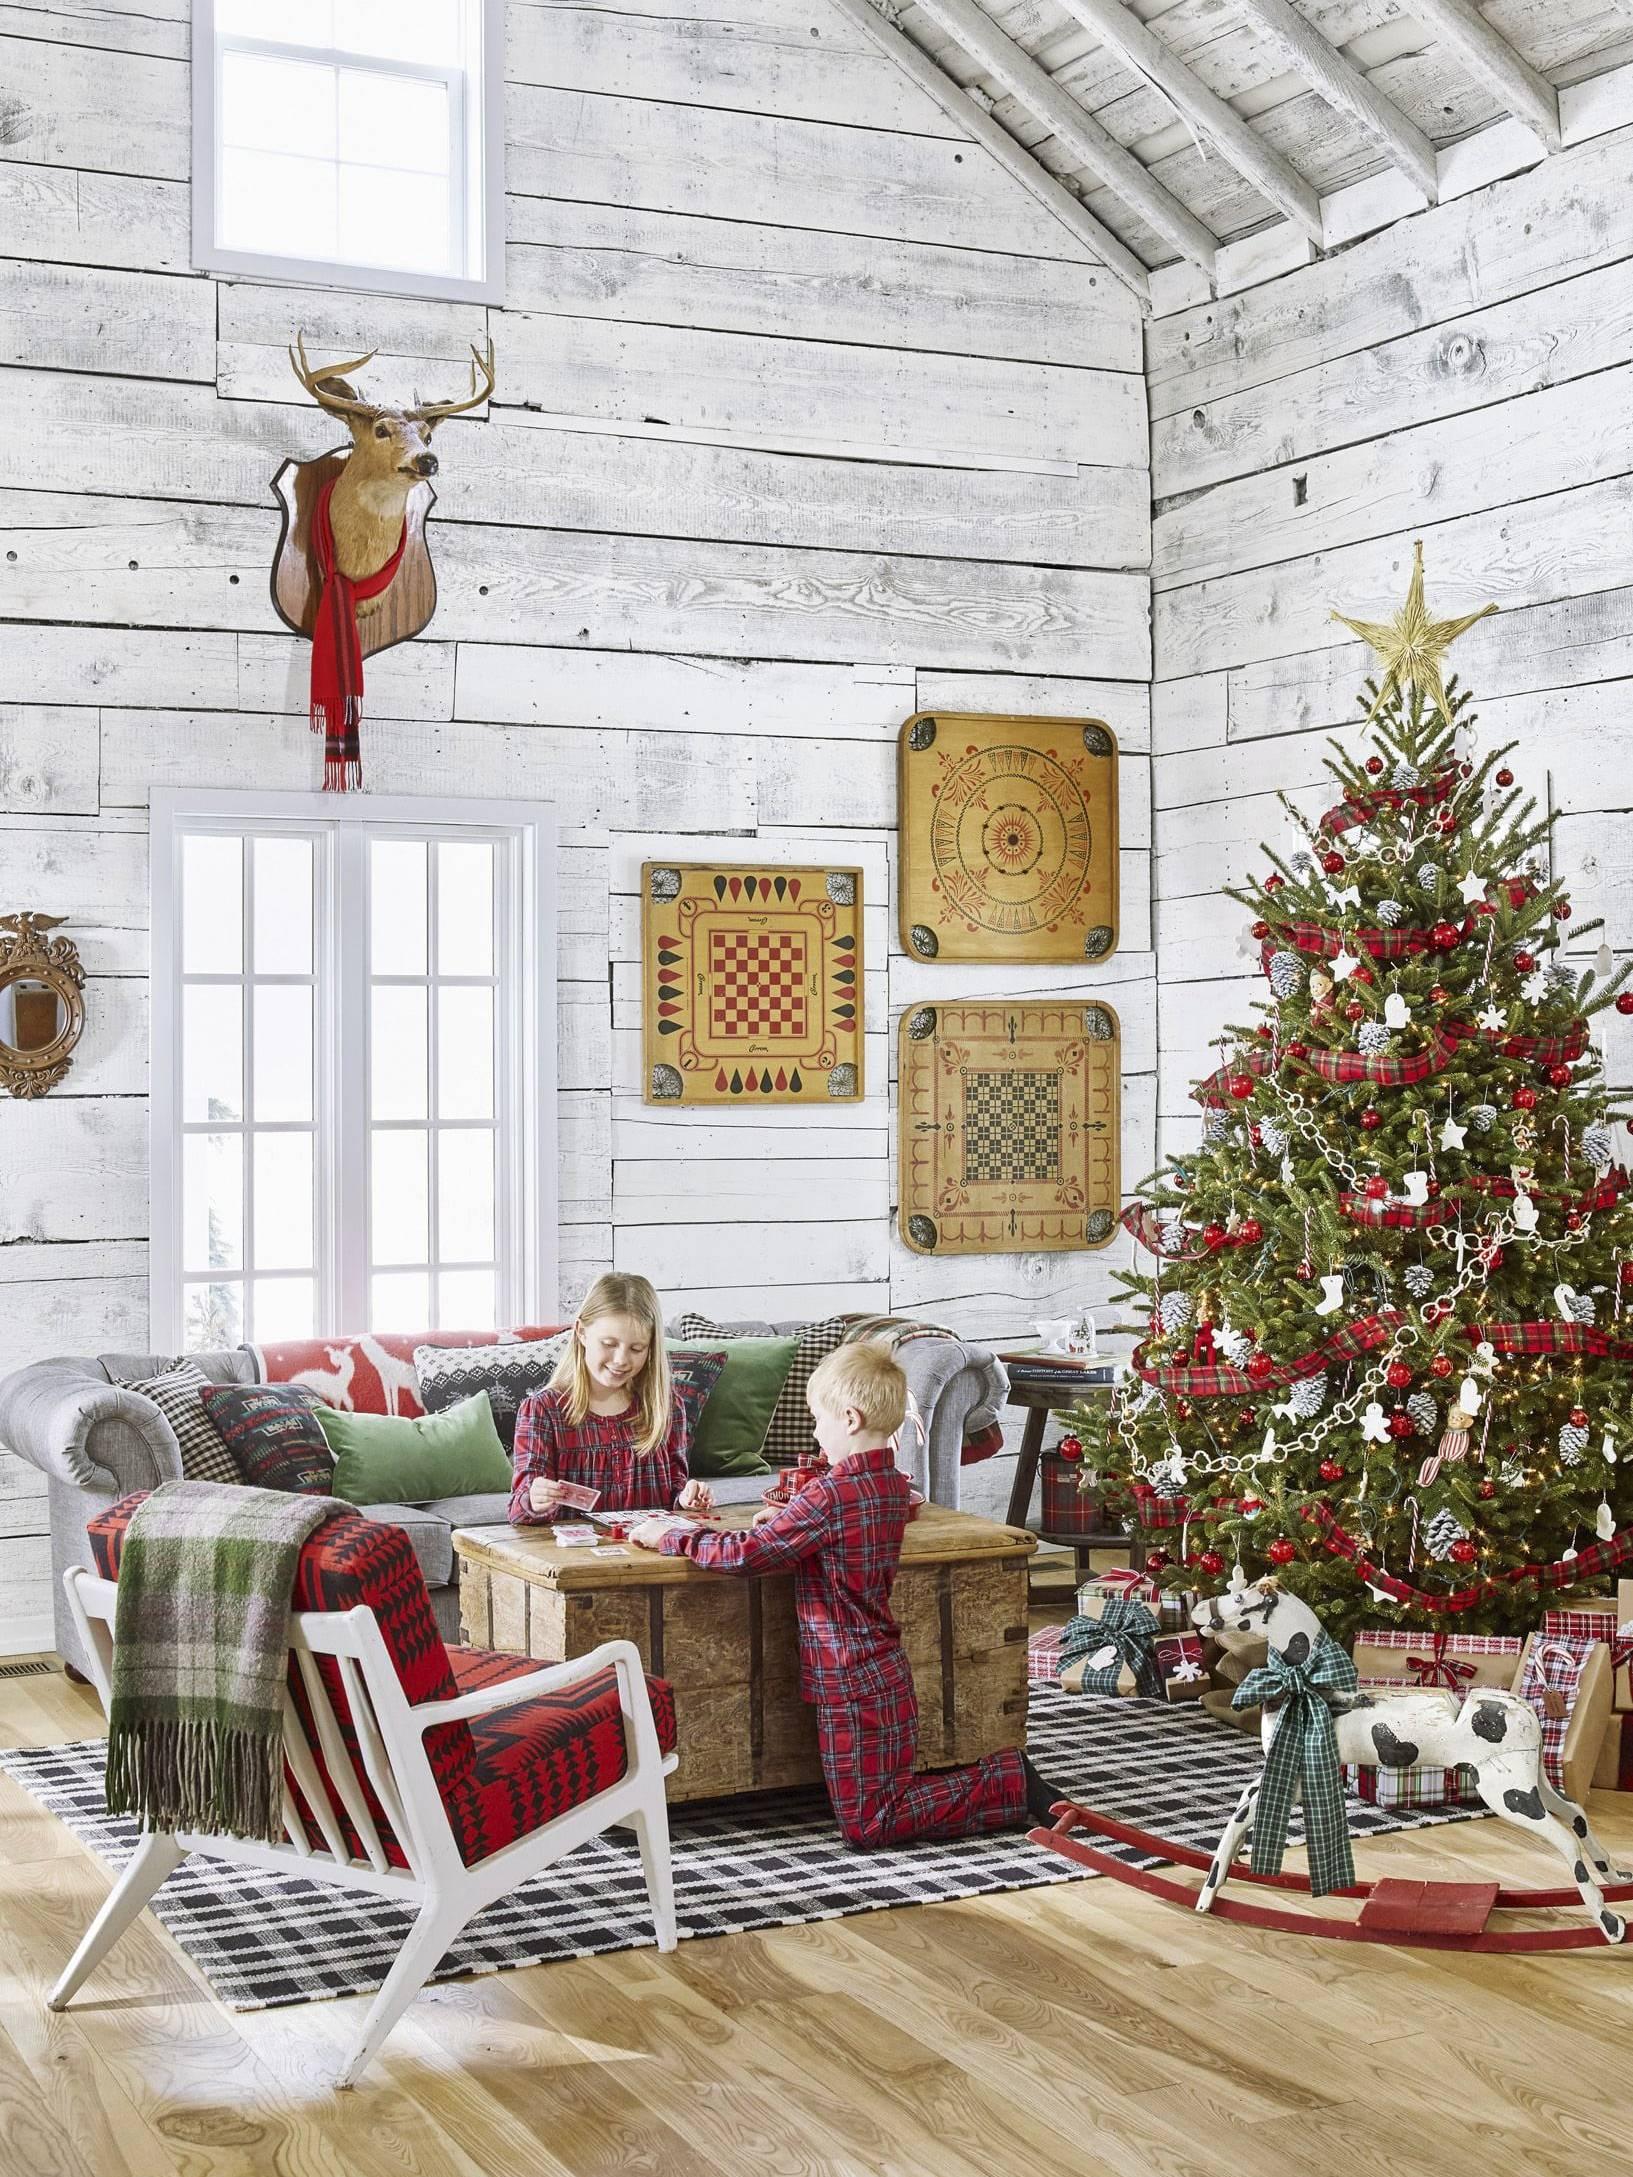 Trang trí noel cho nhà ở nền và tường gỗ